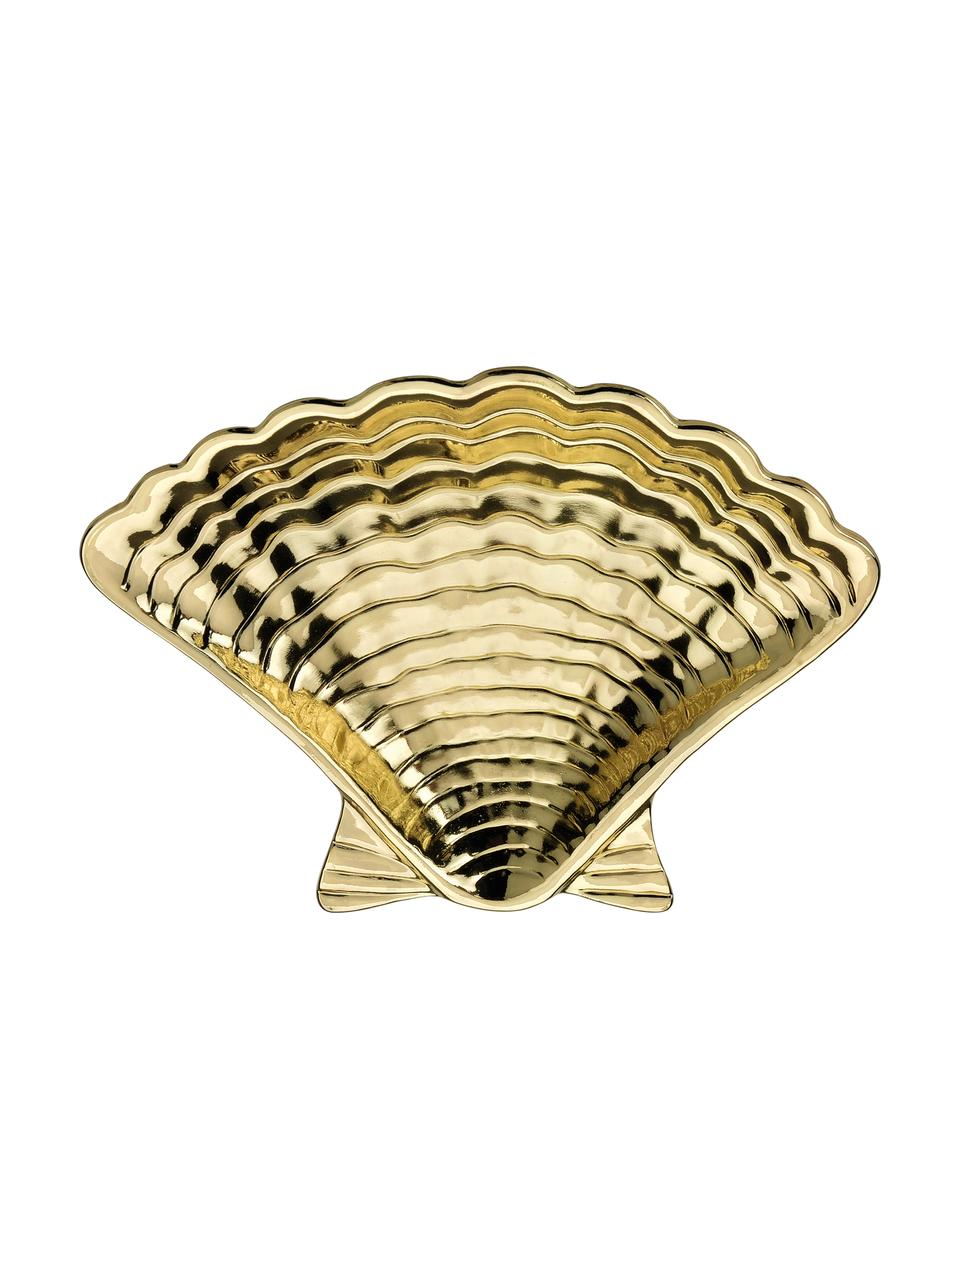 Schmuckschälchen Shell, Metall, beschichtet, Messingfarben, 14 x 2 cm